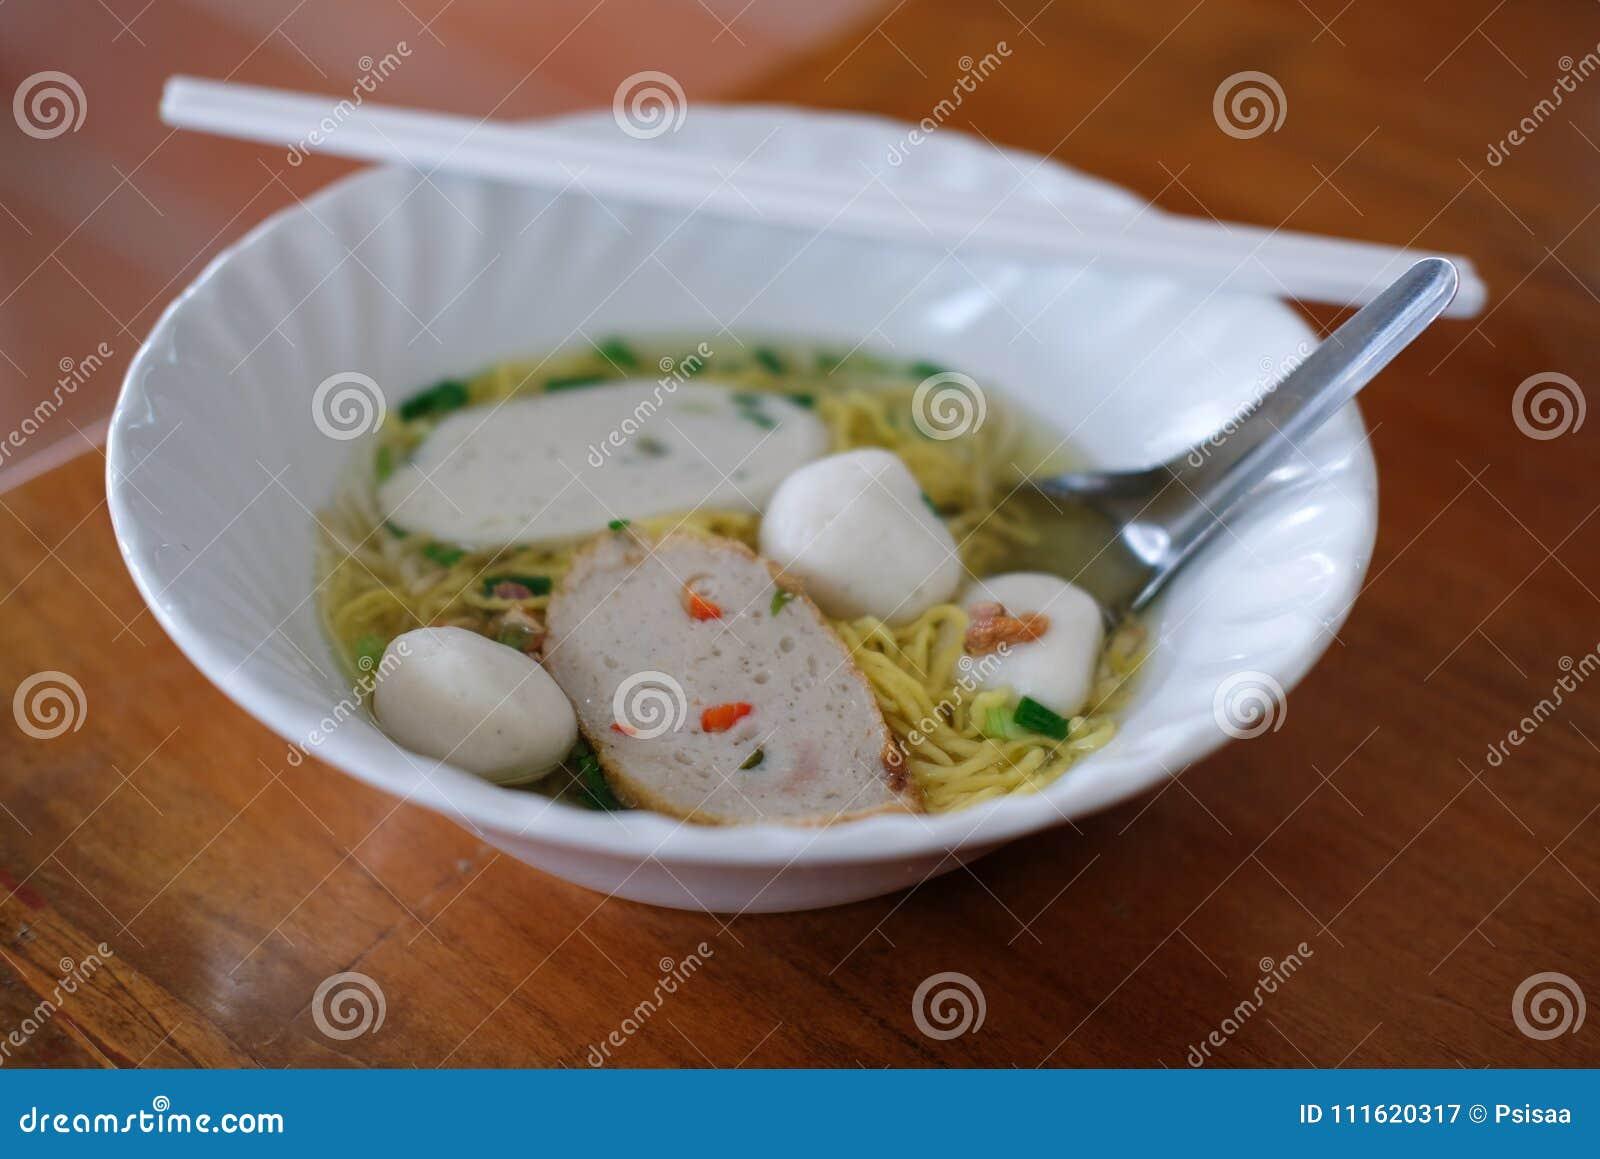 与鱼丸的鸡蛋面汤 泰国地方食物